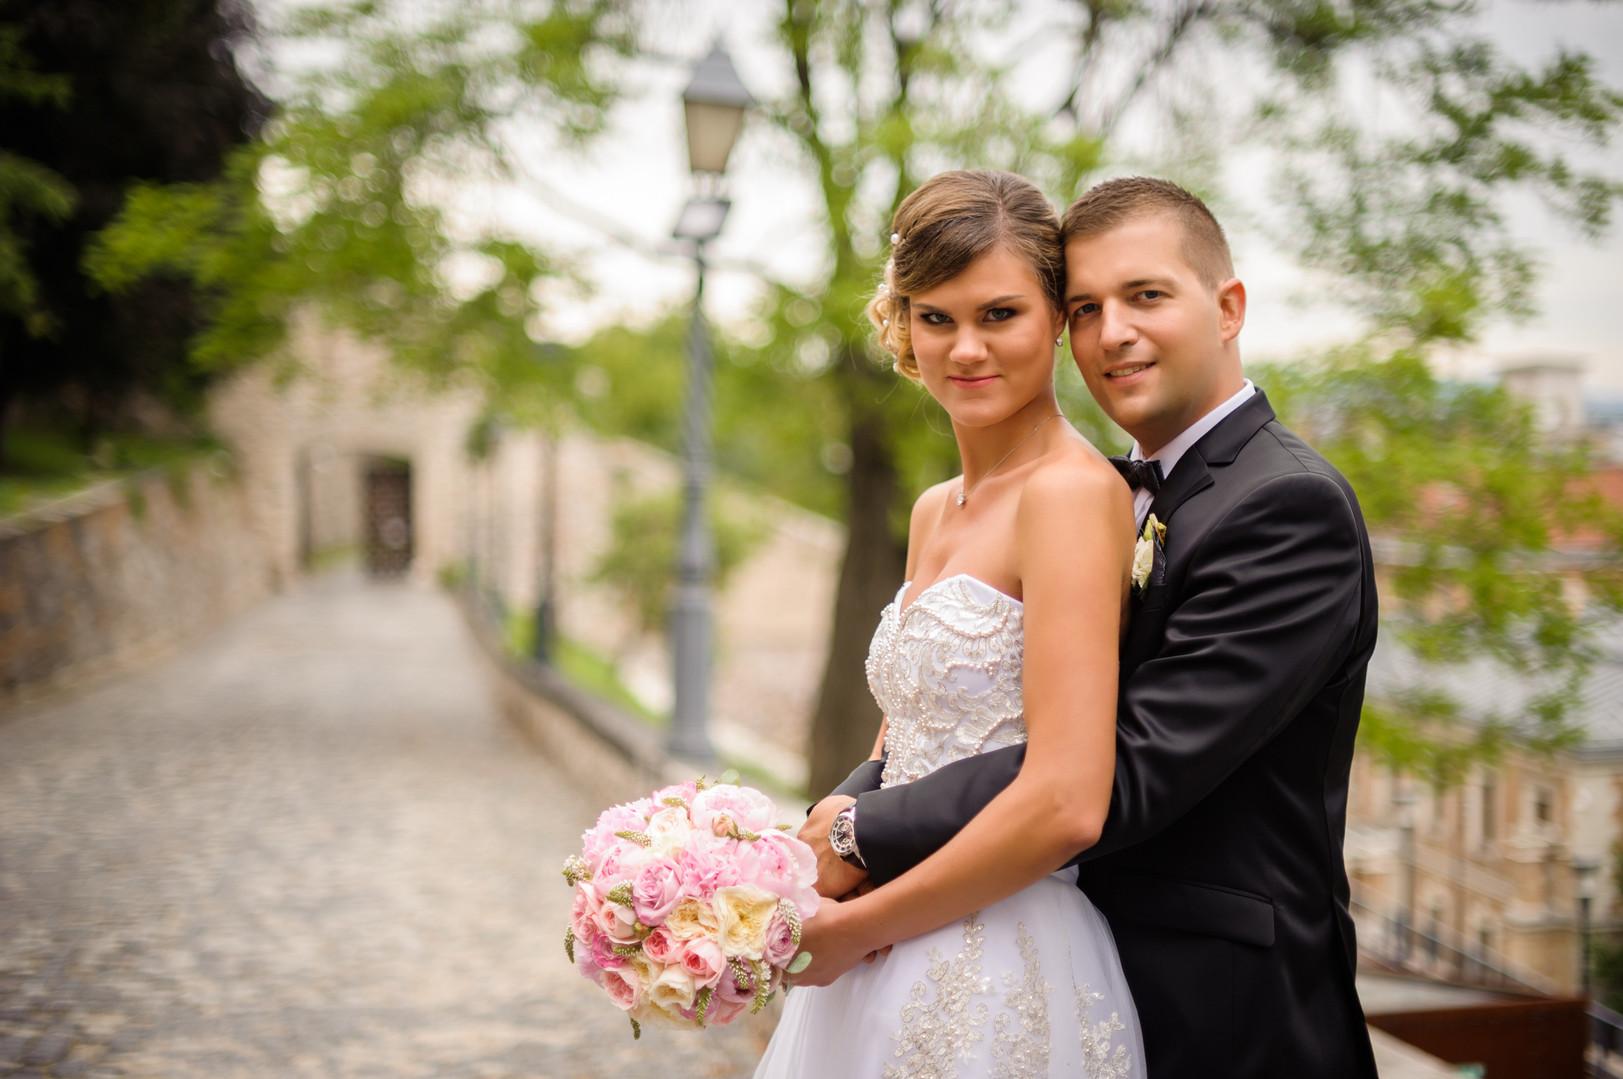 Gina és Péter esküvő fotói